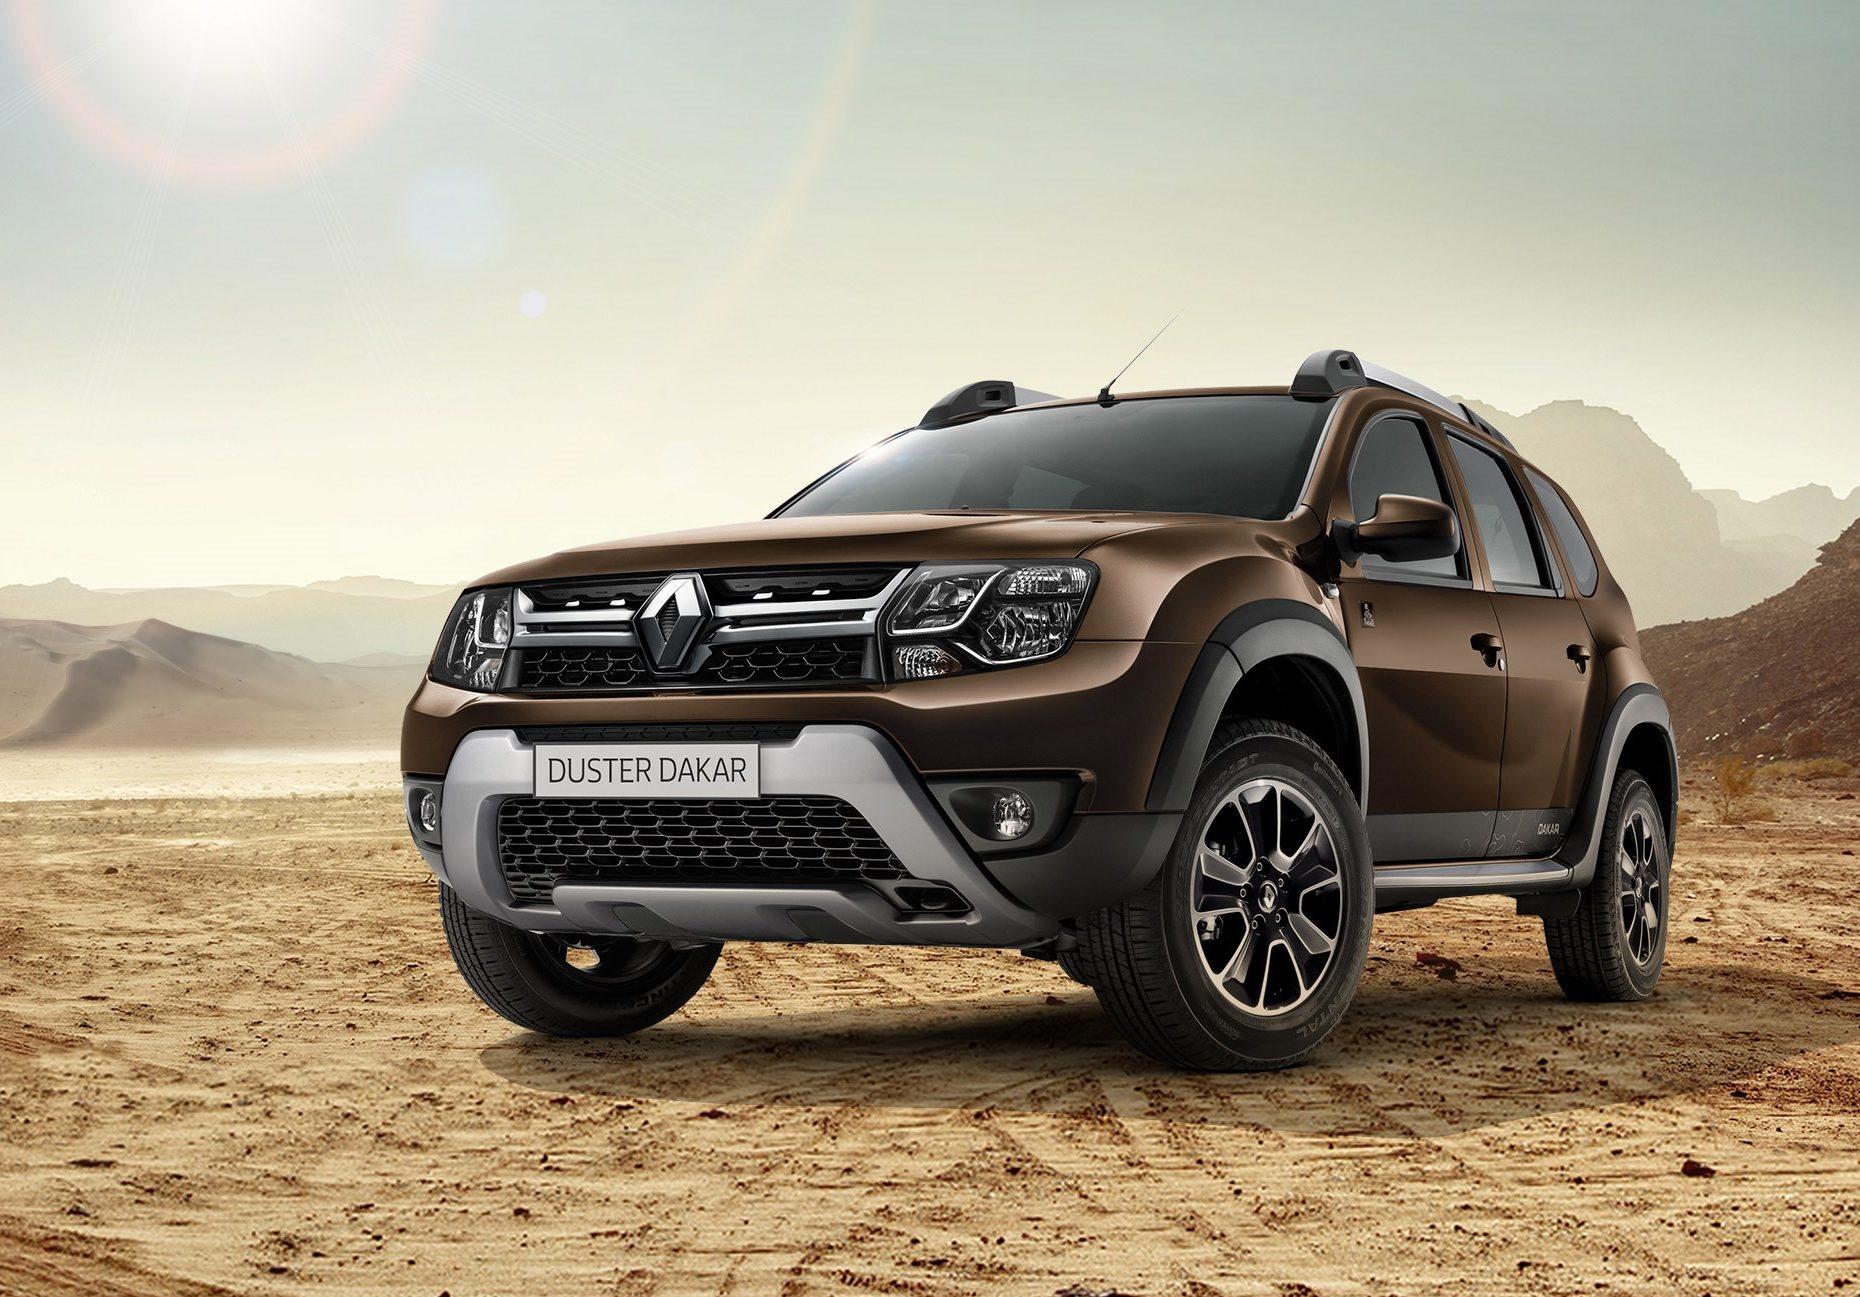 Рено Duster получил версию Dakar Edition